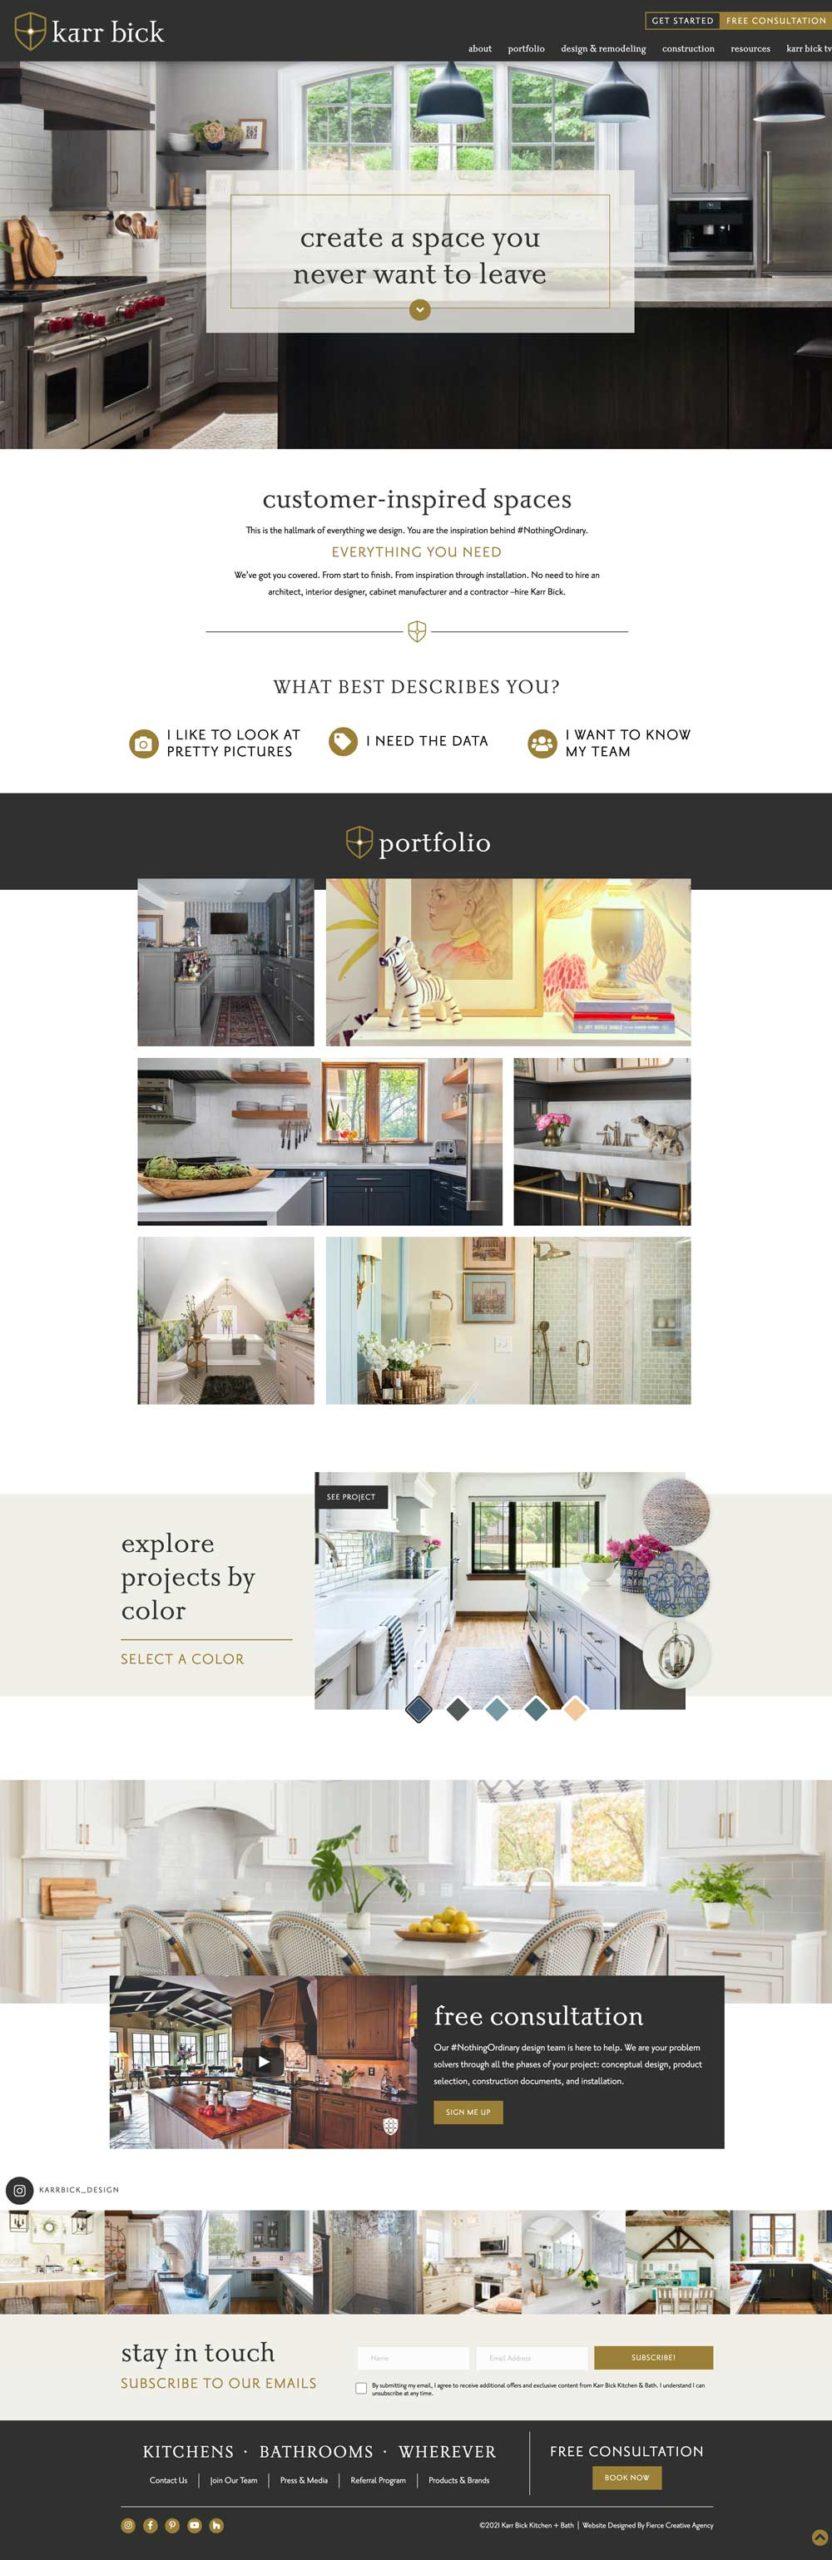 Karr Bick Website Design - Home